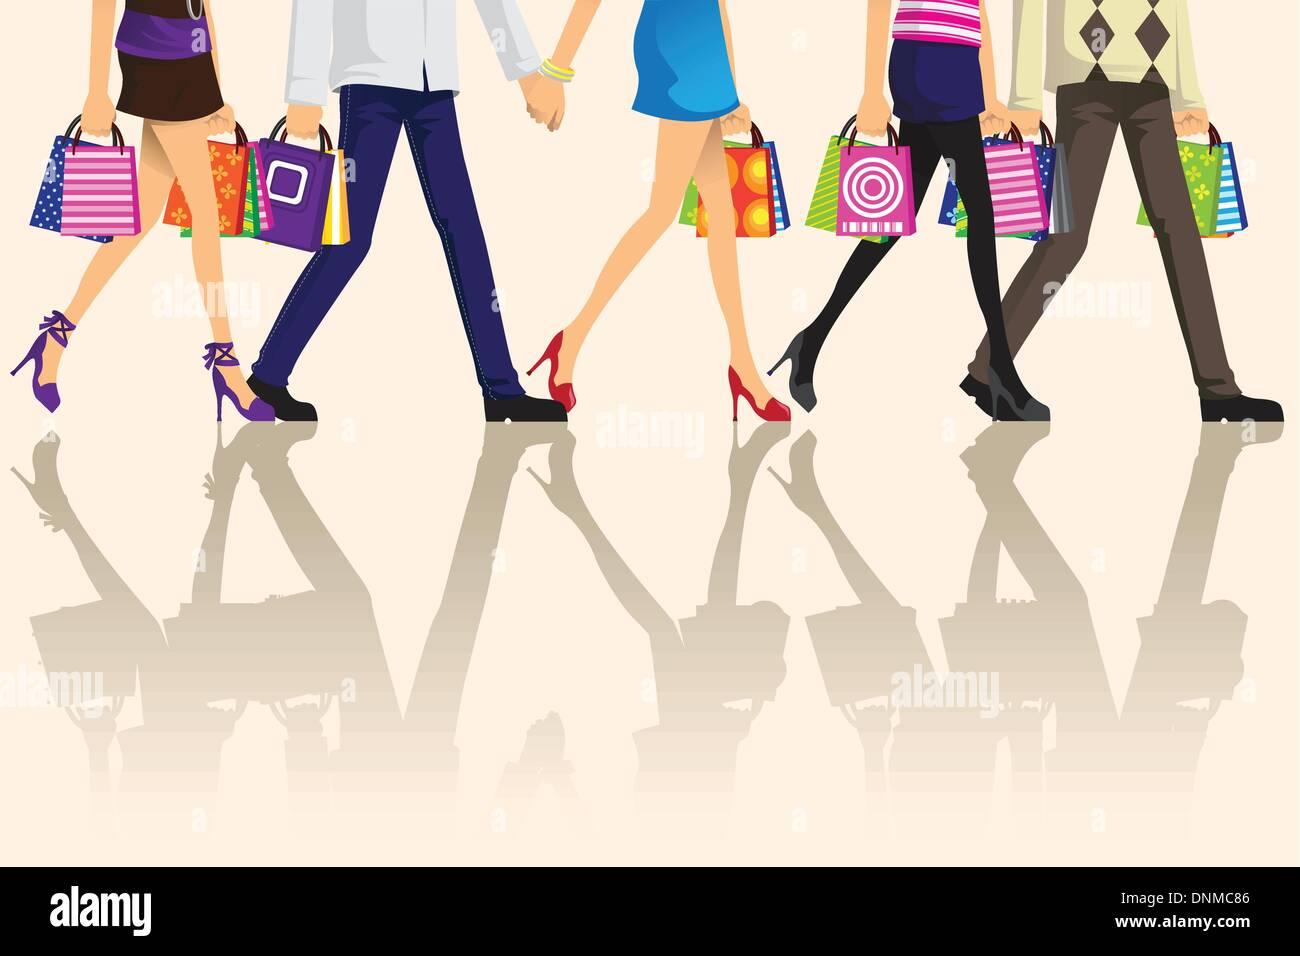 Una illustrazione vettoriale di shopping persone il trasporto delle borse della spesa Immagini Stock